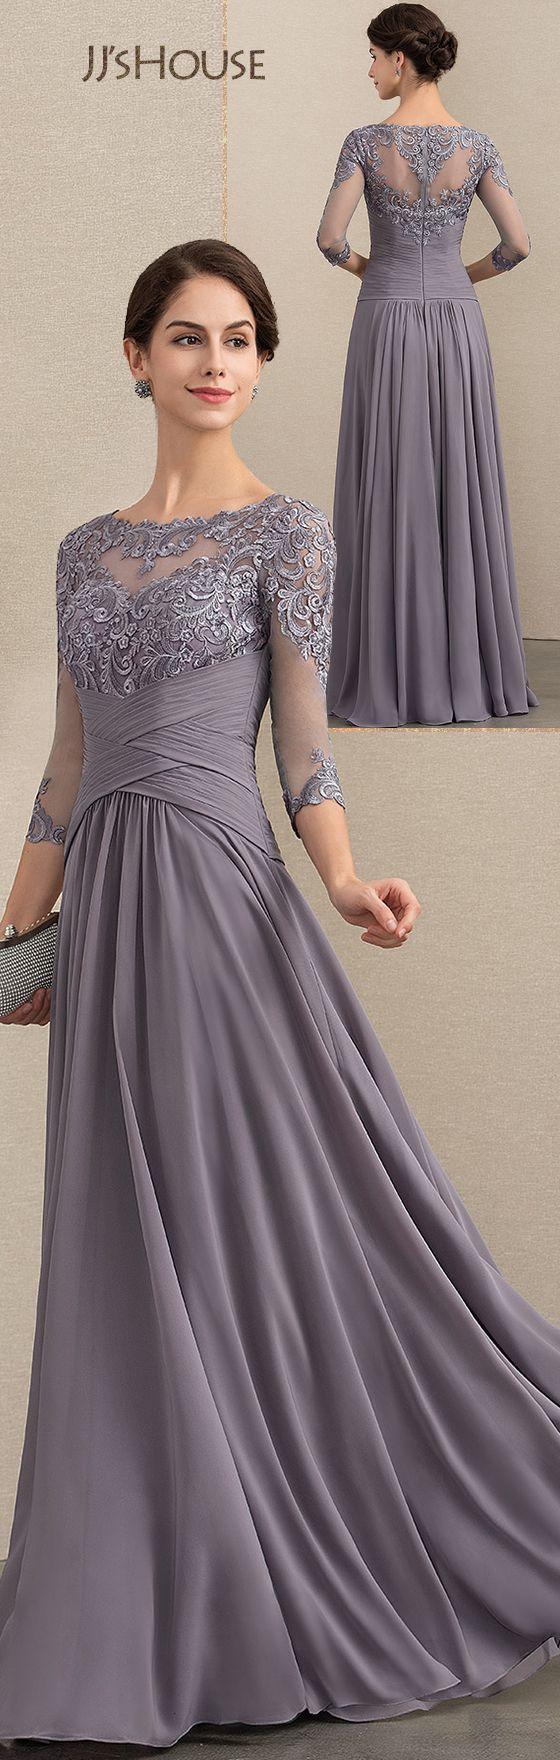 Vestidos princesa / Formato A Decote redondo Longos Chiffon Renda Vestido para a mãe da noiva com Pregueado   – JJ's House | Mother of the bride/groom dresses